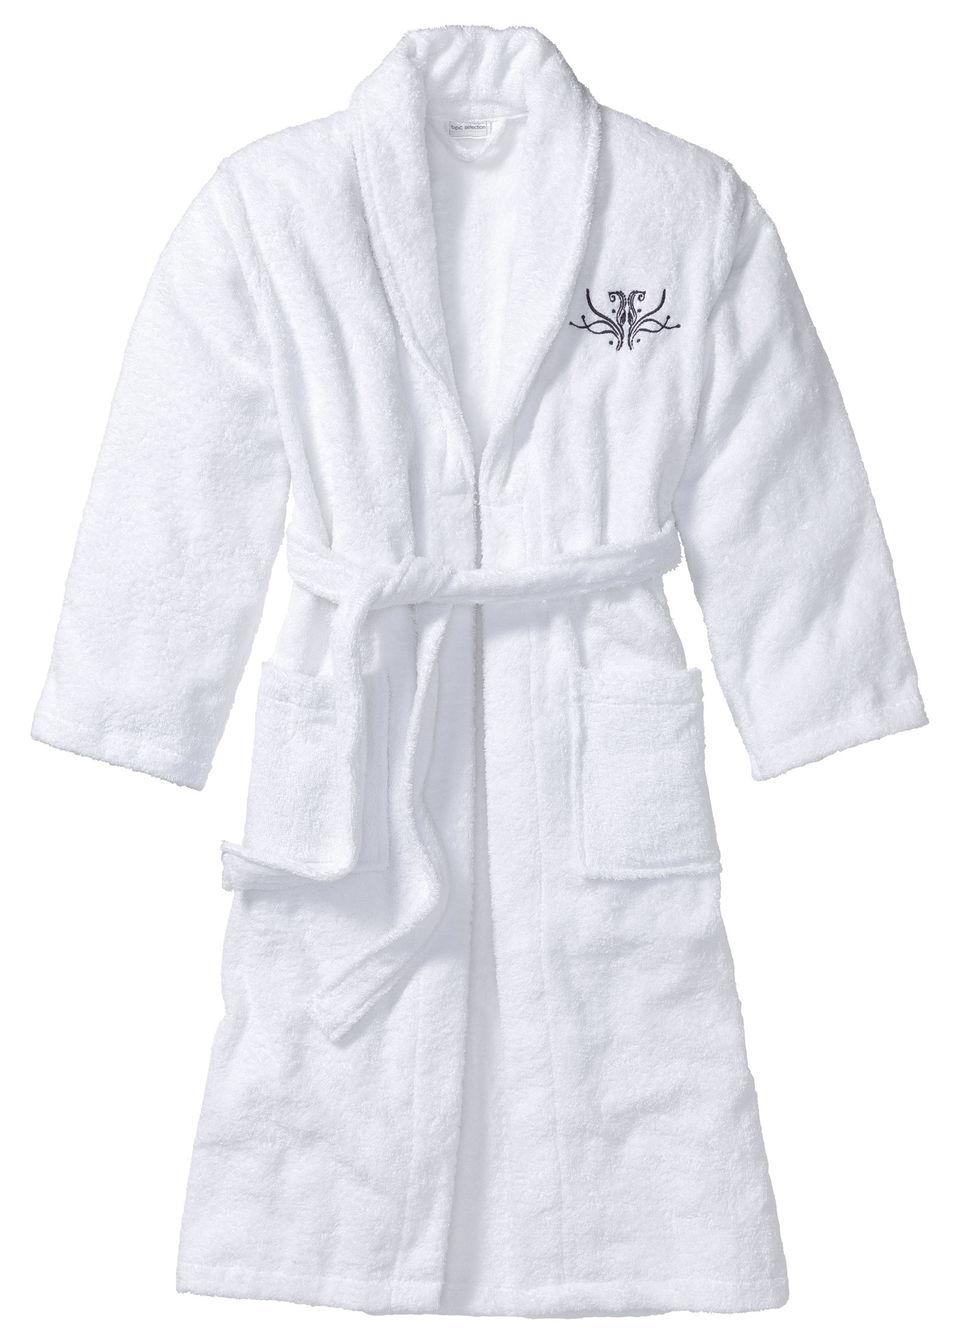 белый махровый халат купить